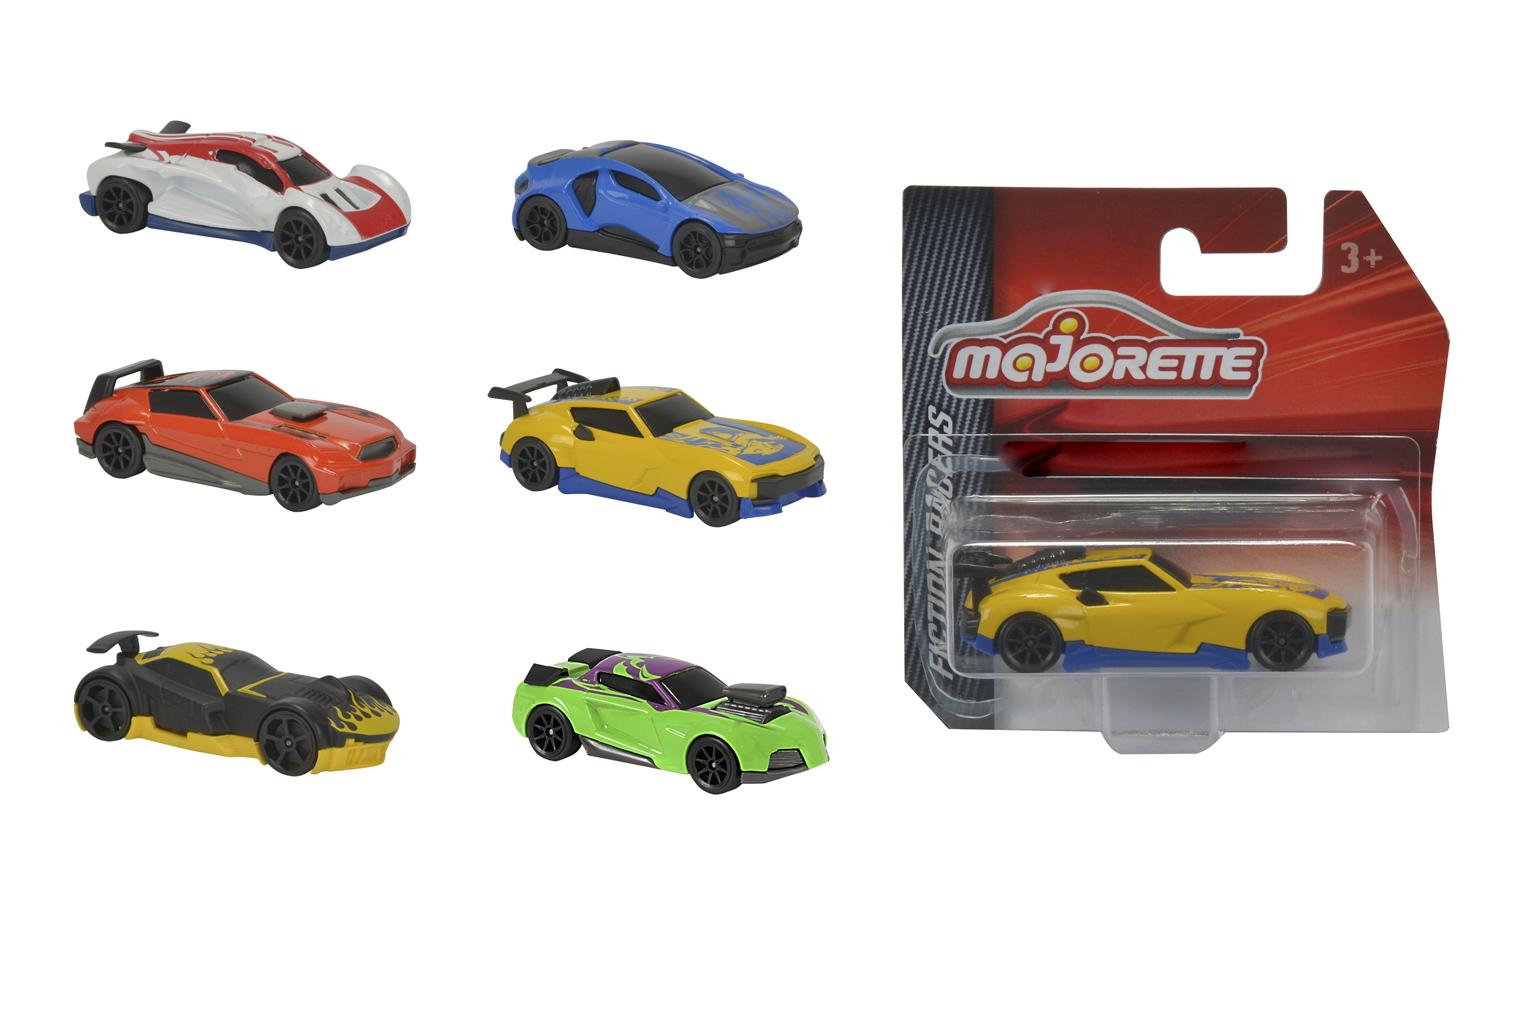 Машинка гоночная, 6 видов, 7,5 смГоночные машины<br>Машинка гоночная, 6 видов, 7,5 см<br>